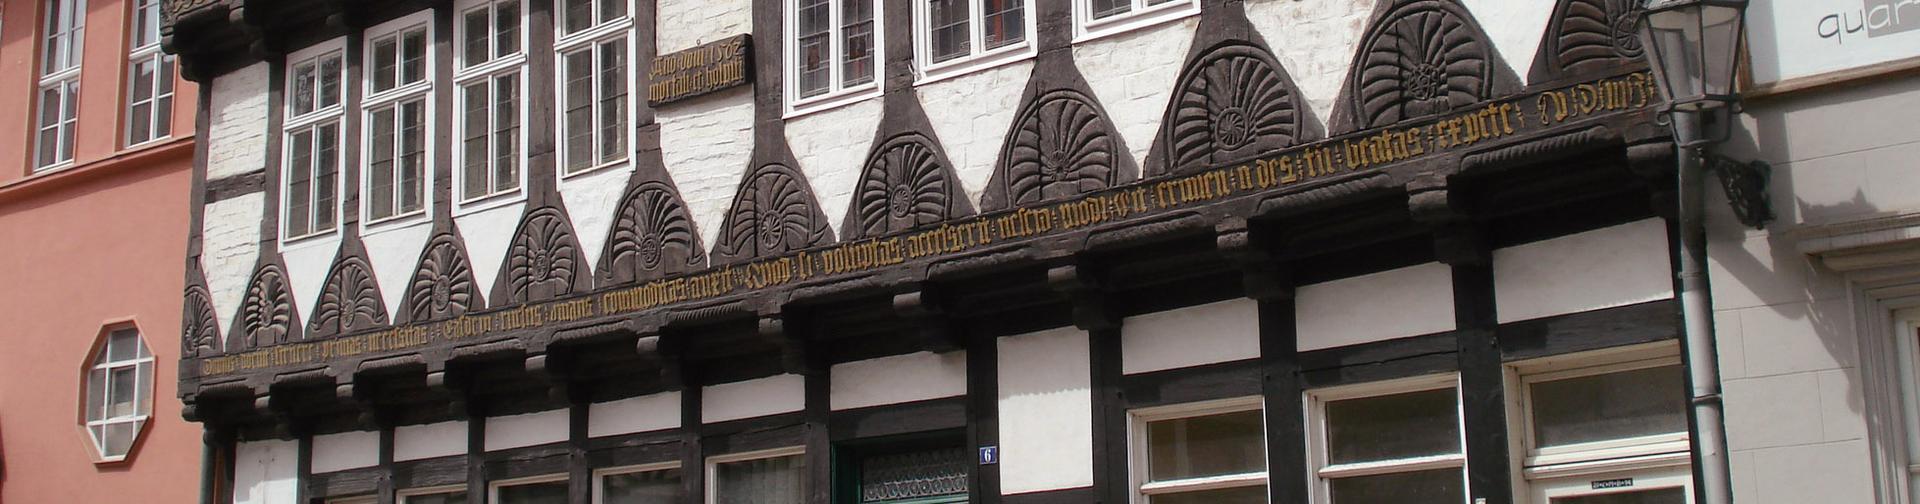 Quedlinburg. Das Schneemelcher Haus